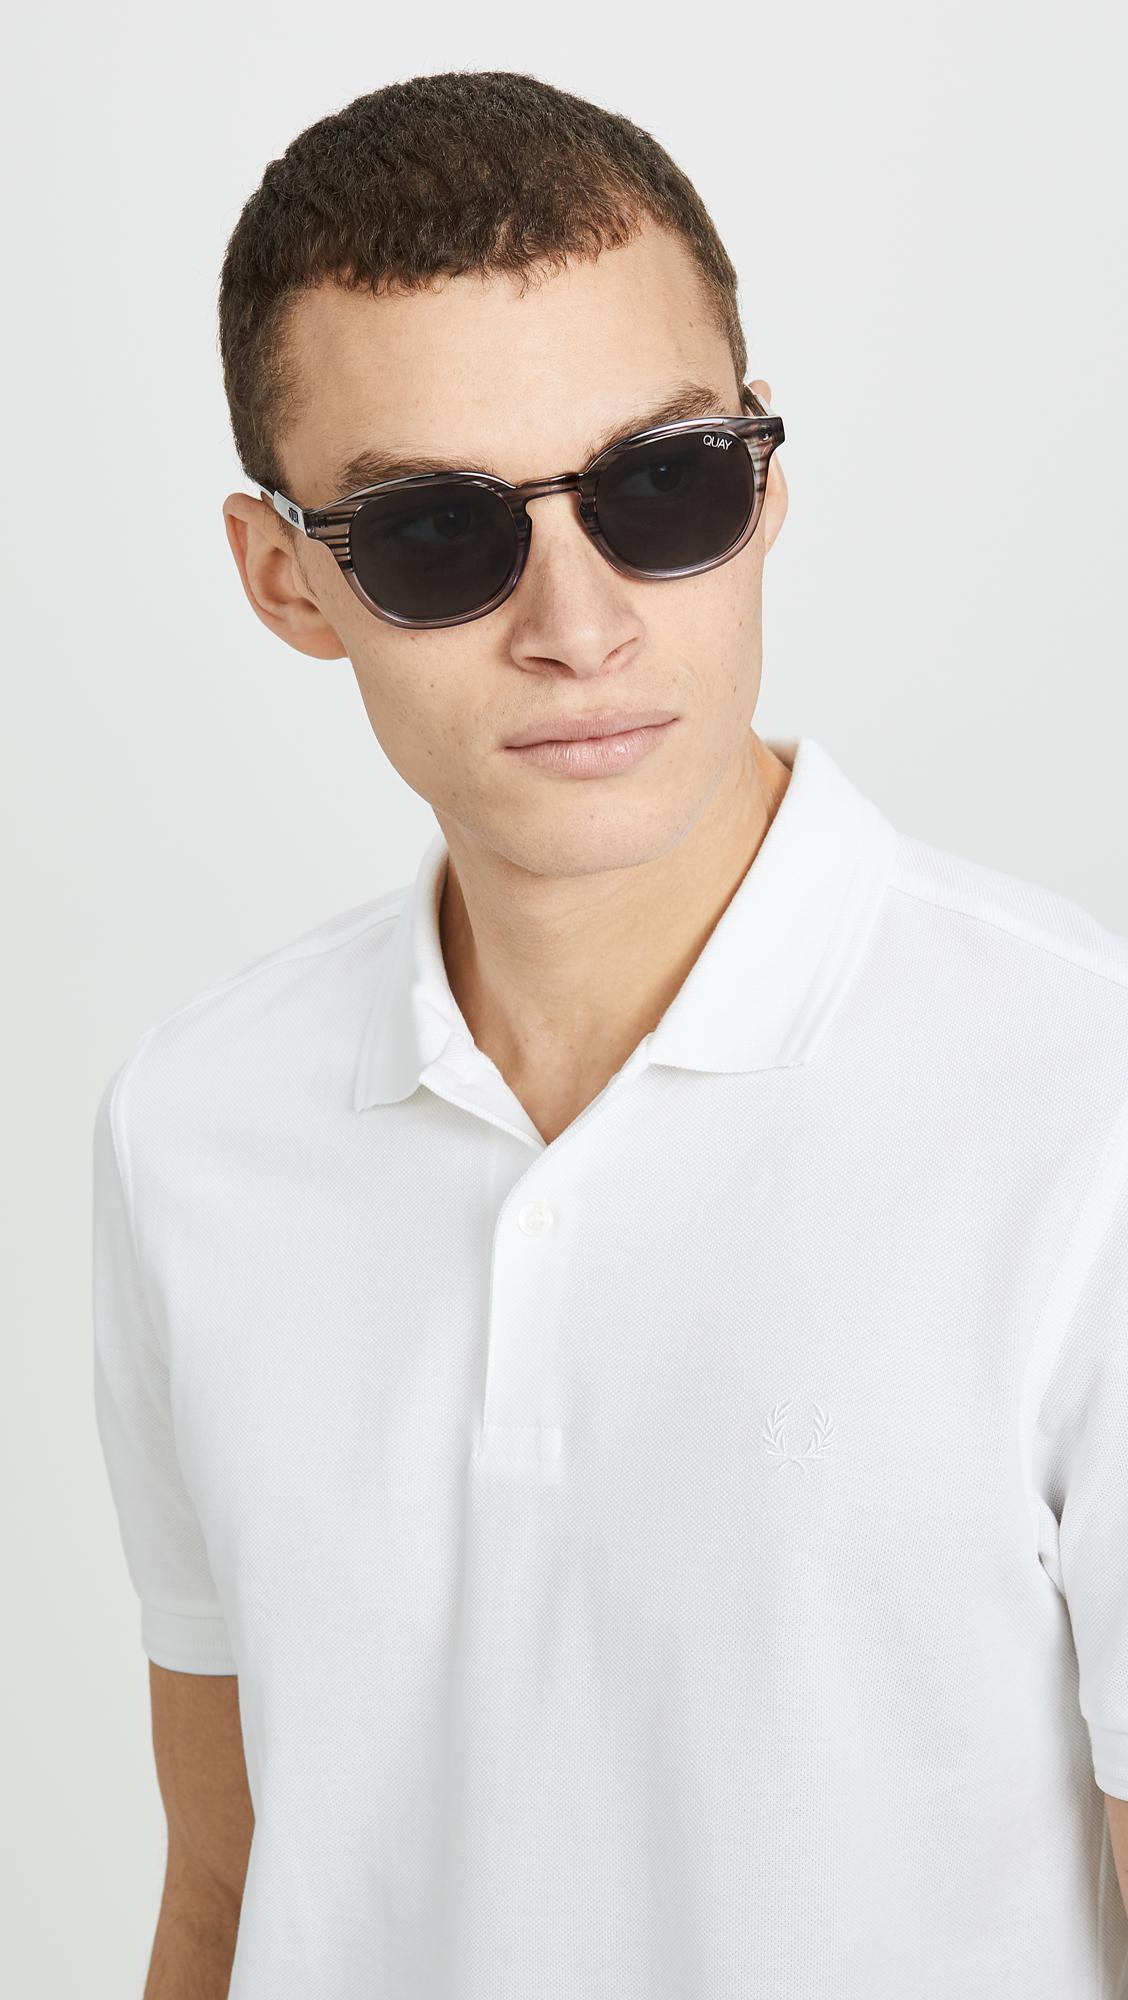 Quay Mens x Barney Cools Coolin Sunglasses